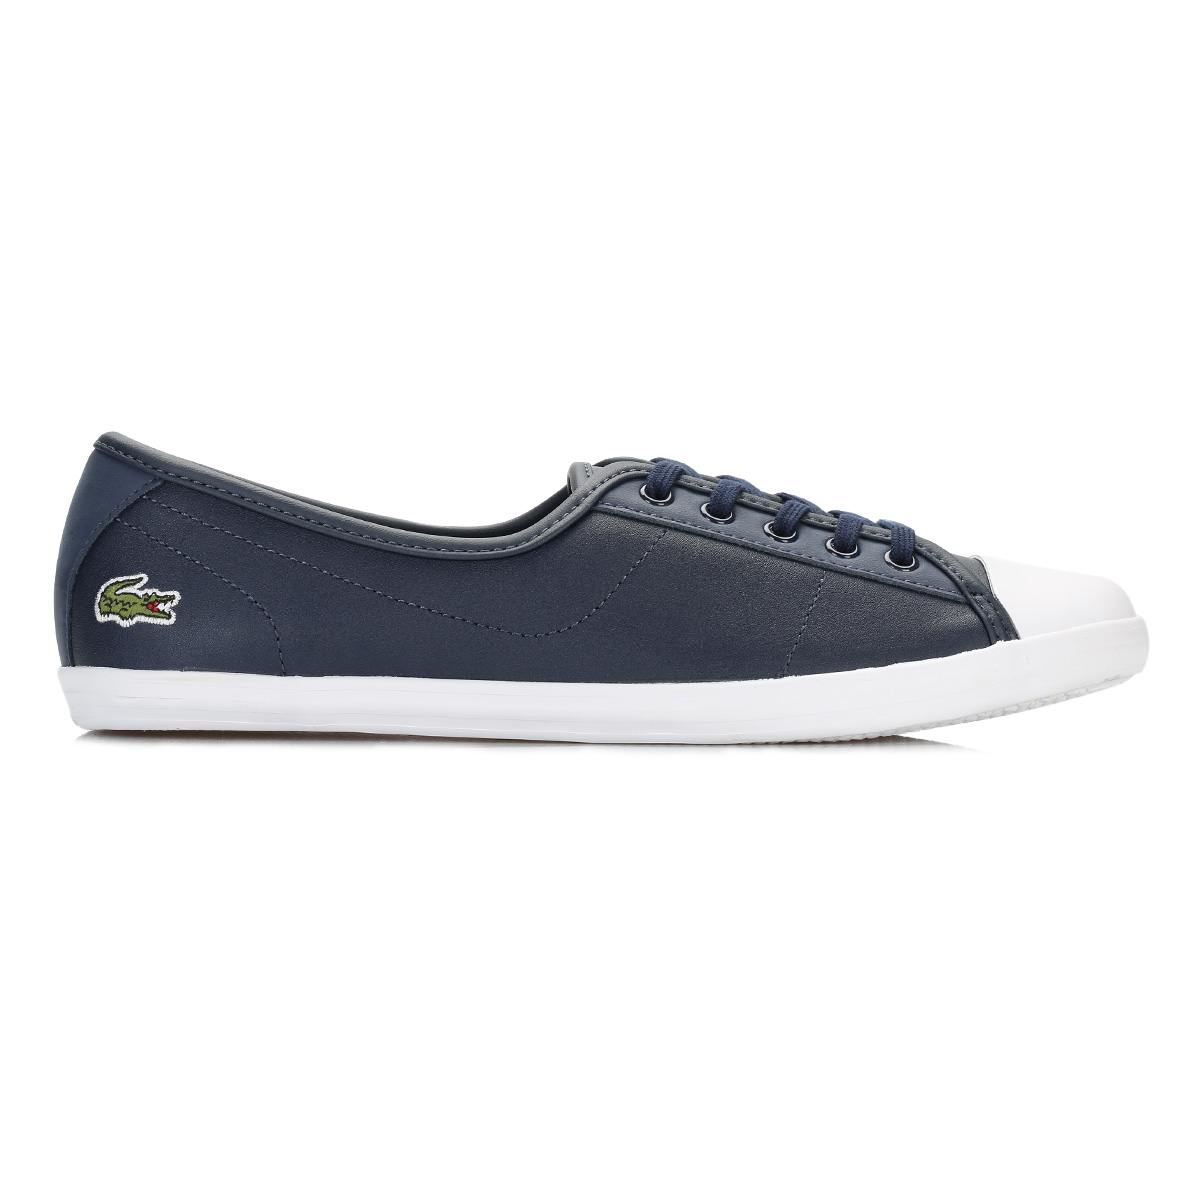 Azul Marino para Mujeres Lacoste Ziane BL 1 Carro Entrenadores Cuero Informal Zapatos Sin taco